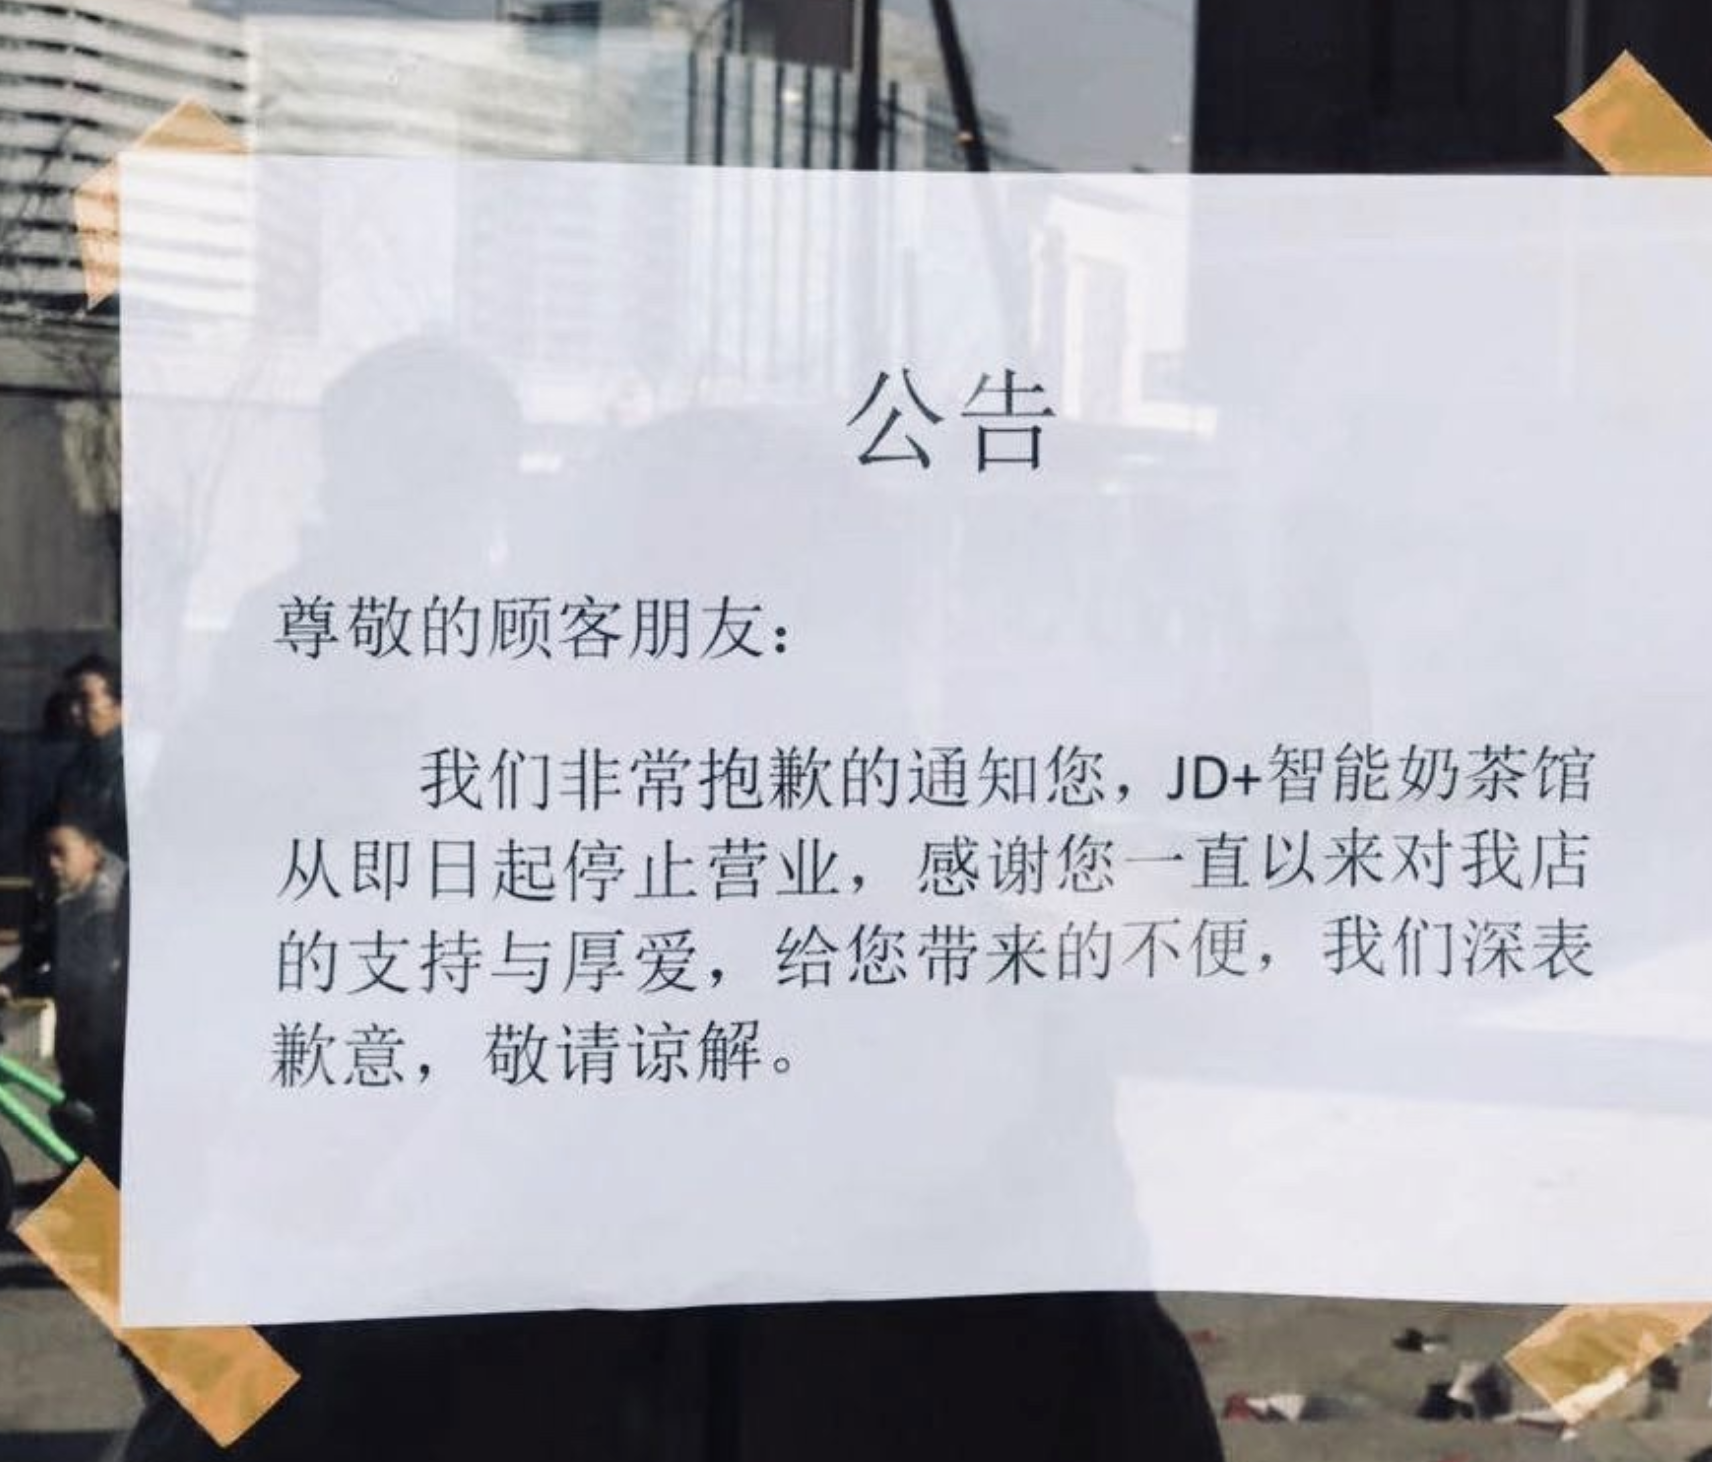 京东奶茶馆开业4年关门:除了见证刘强东爱情,也是大众创业时代终结